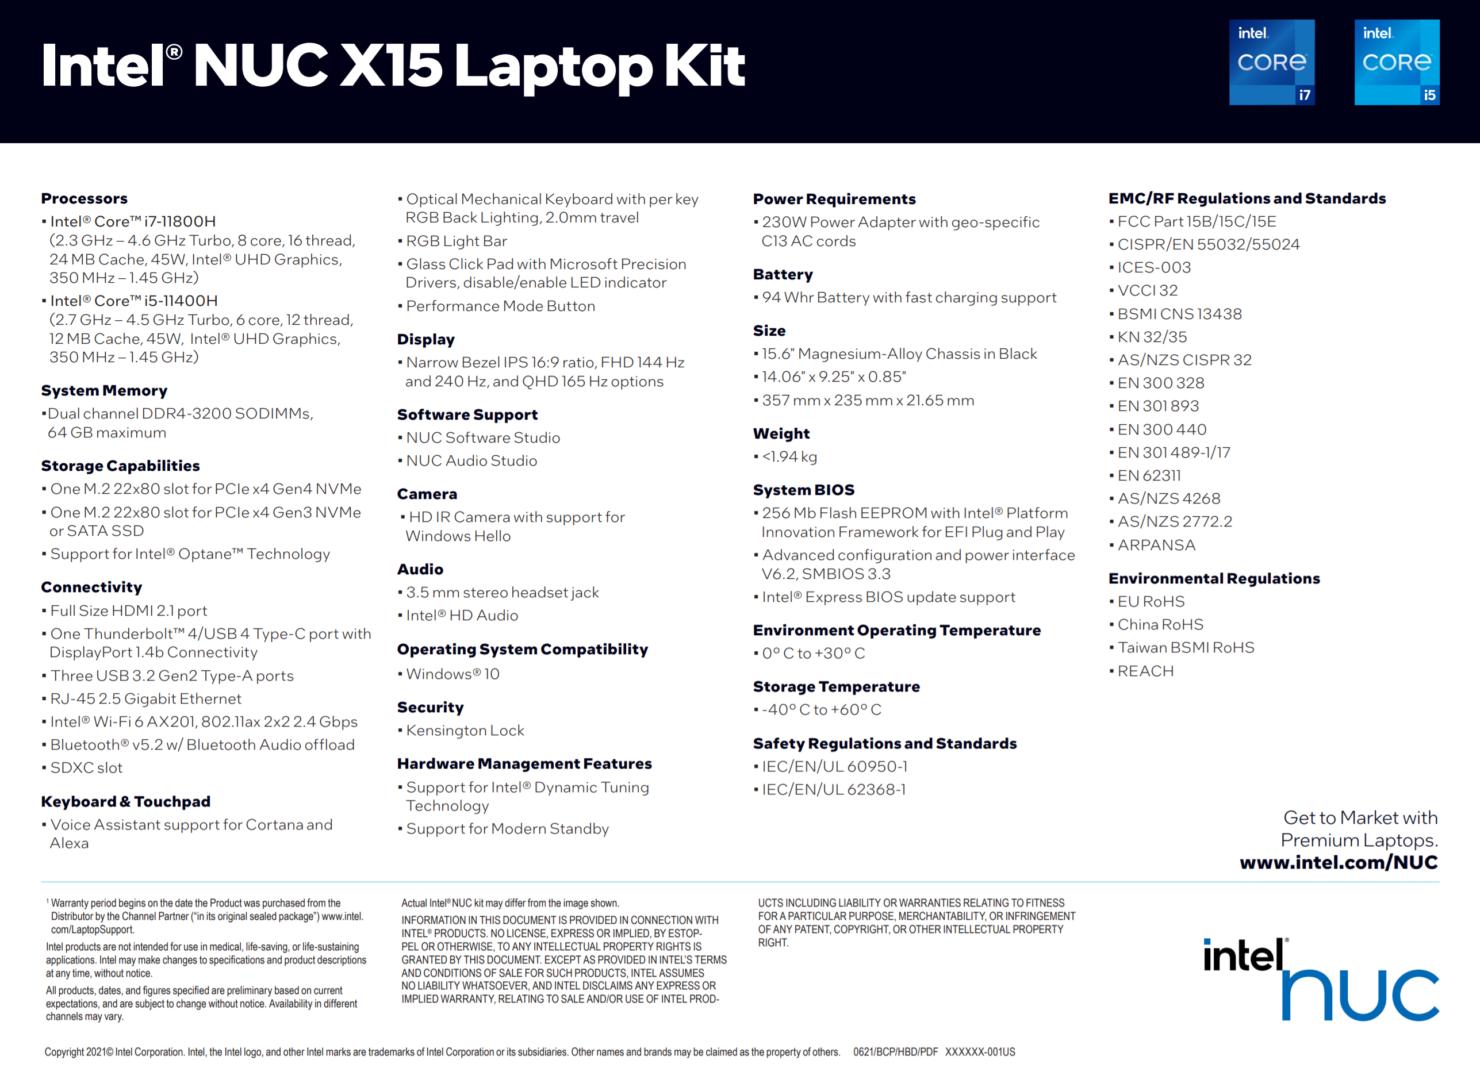 intel-nuc-x15-reference-gaming-laptop-kit-with-tiger-lake-h-cpu-nvidia-geforce-rtx-30-series-gpus-_4